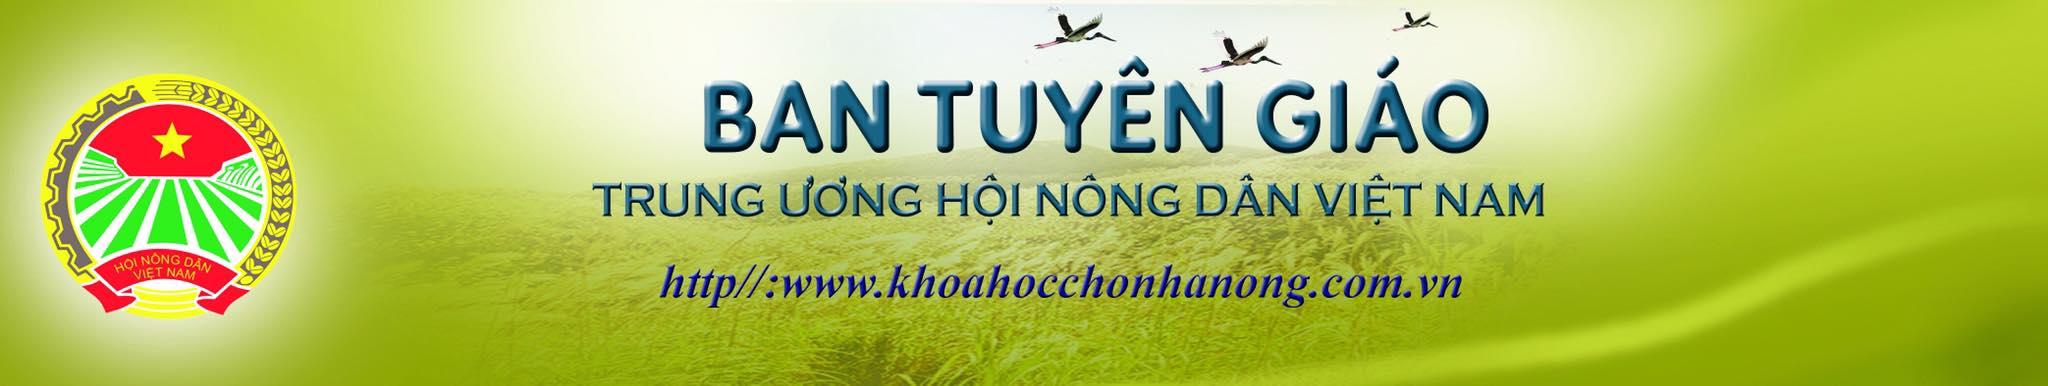 Tuyên Quang: Triển khai đề tài nghiên cứu cải tạo đàn bò vàng địa phương